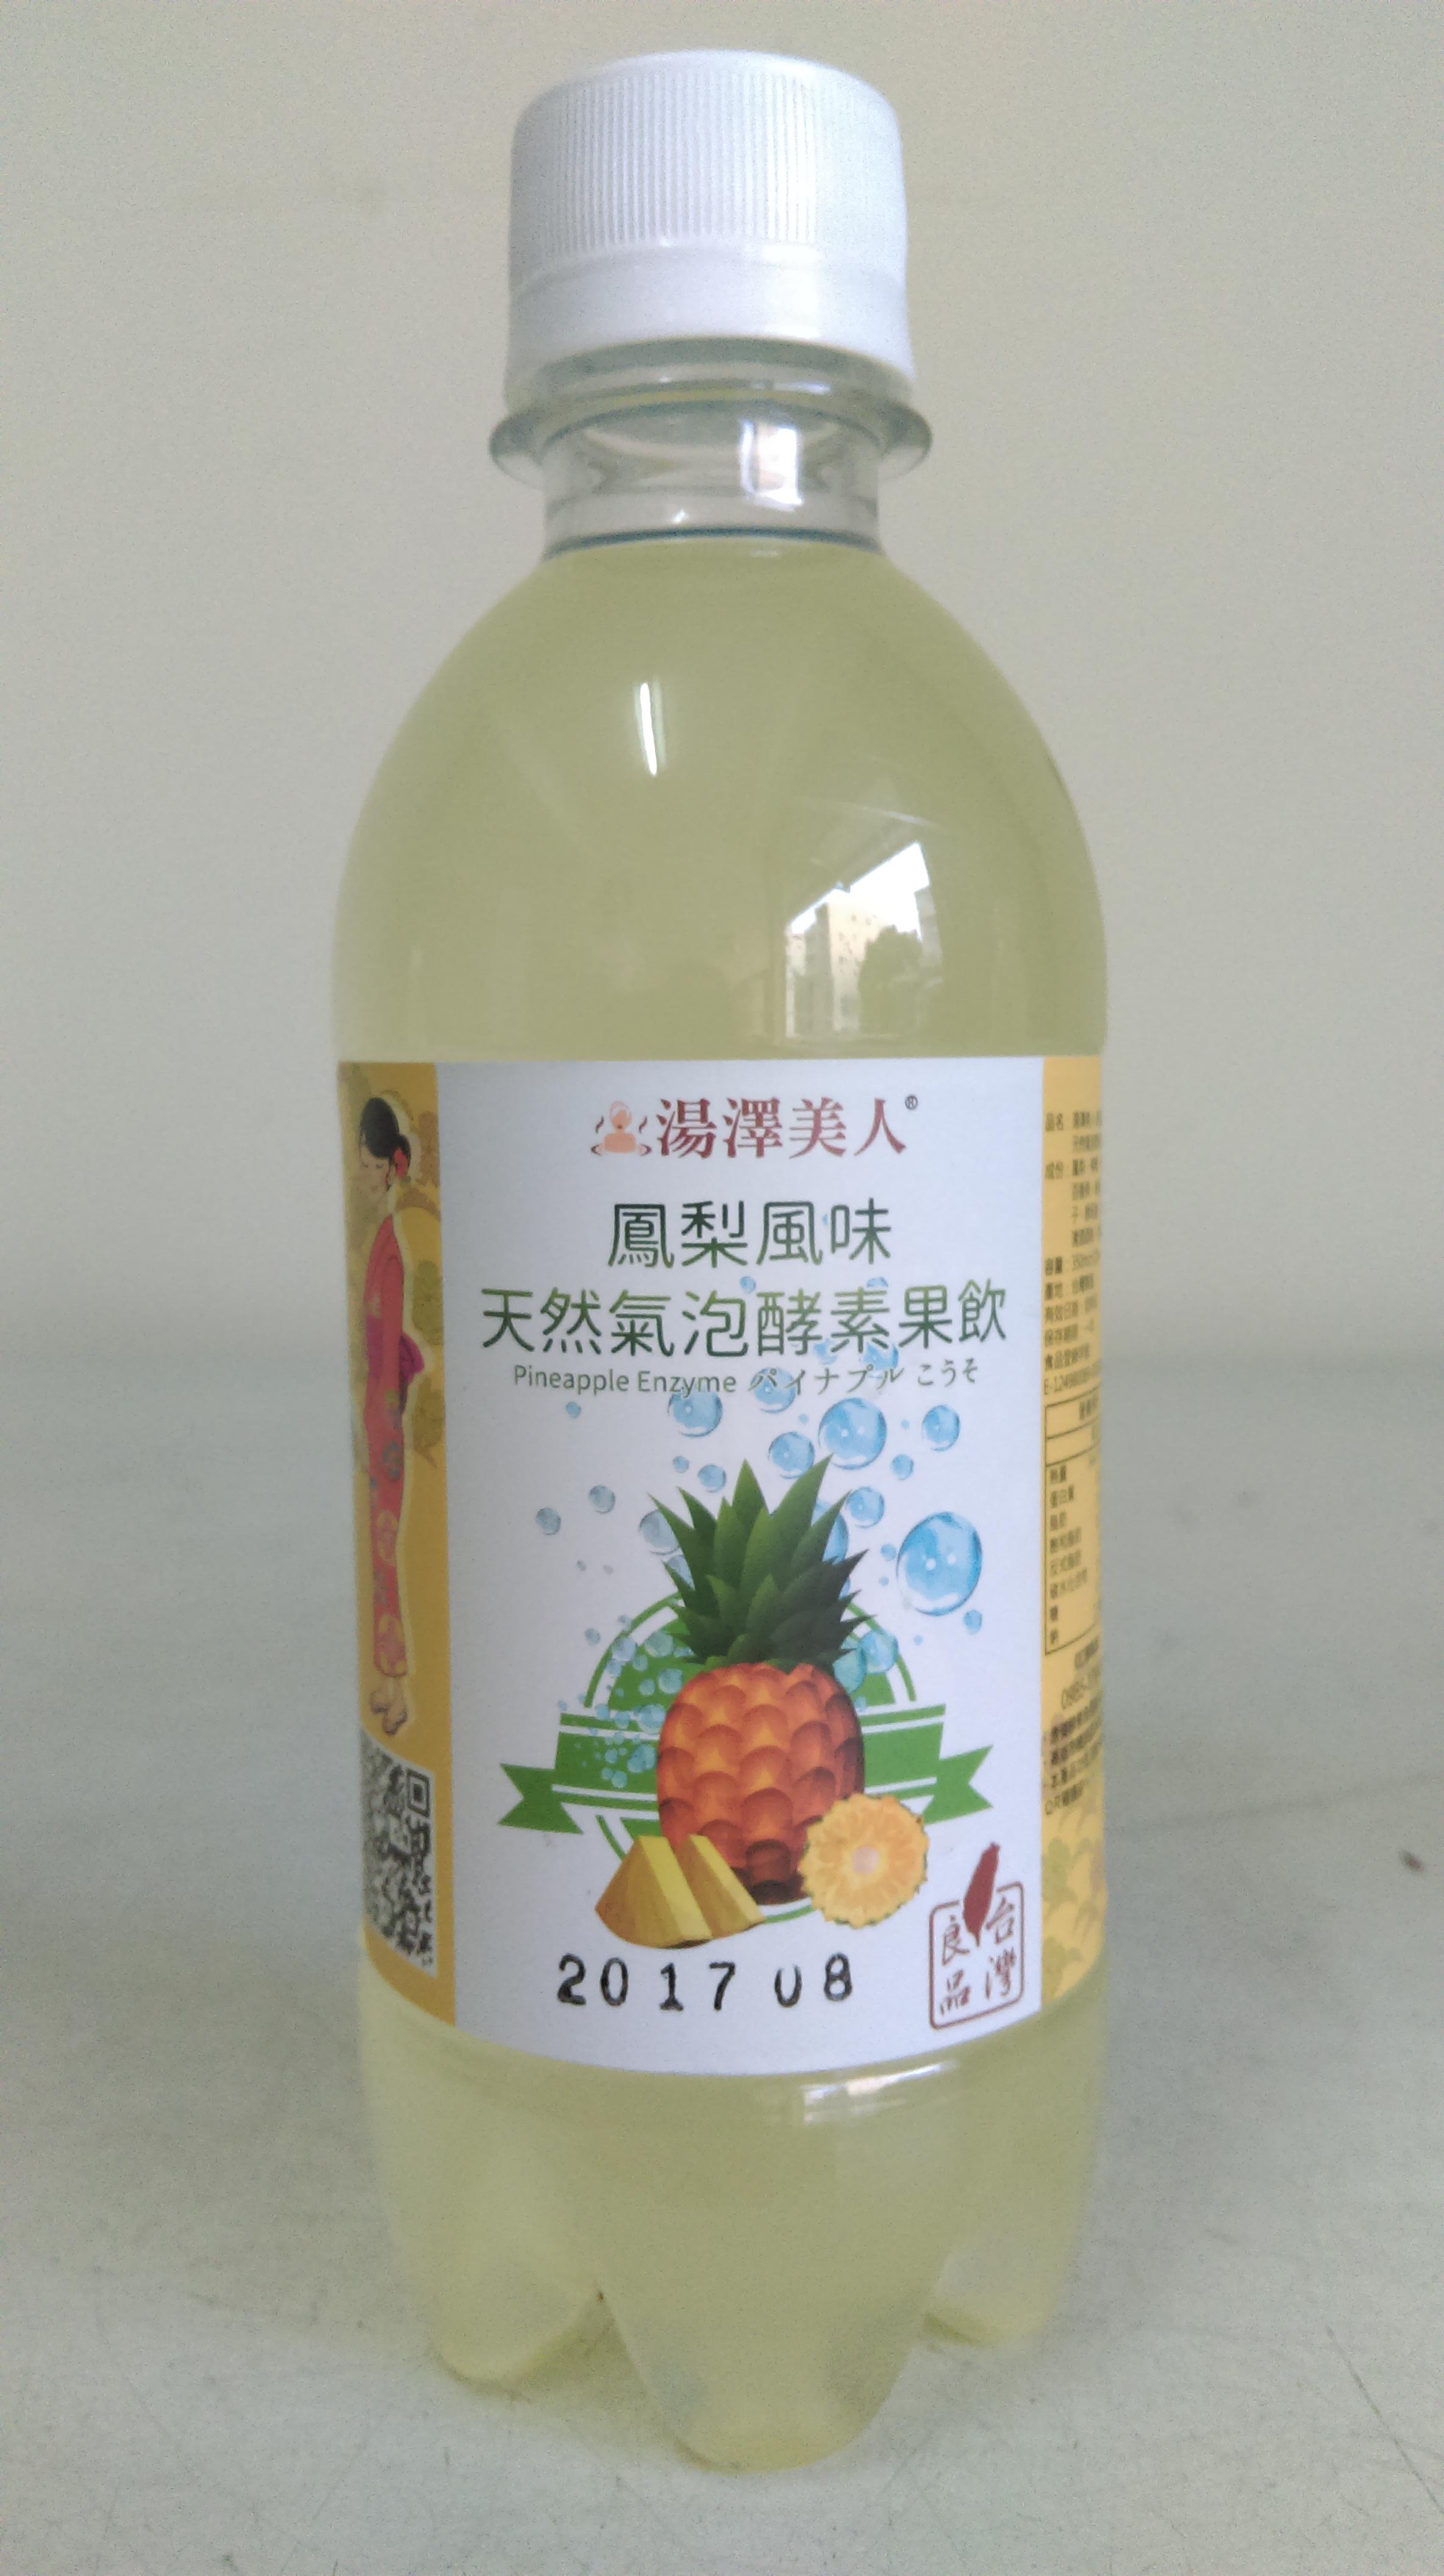 鳳梨酵素天然?泡果飲